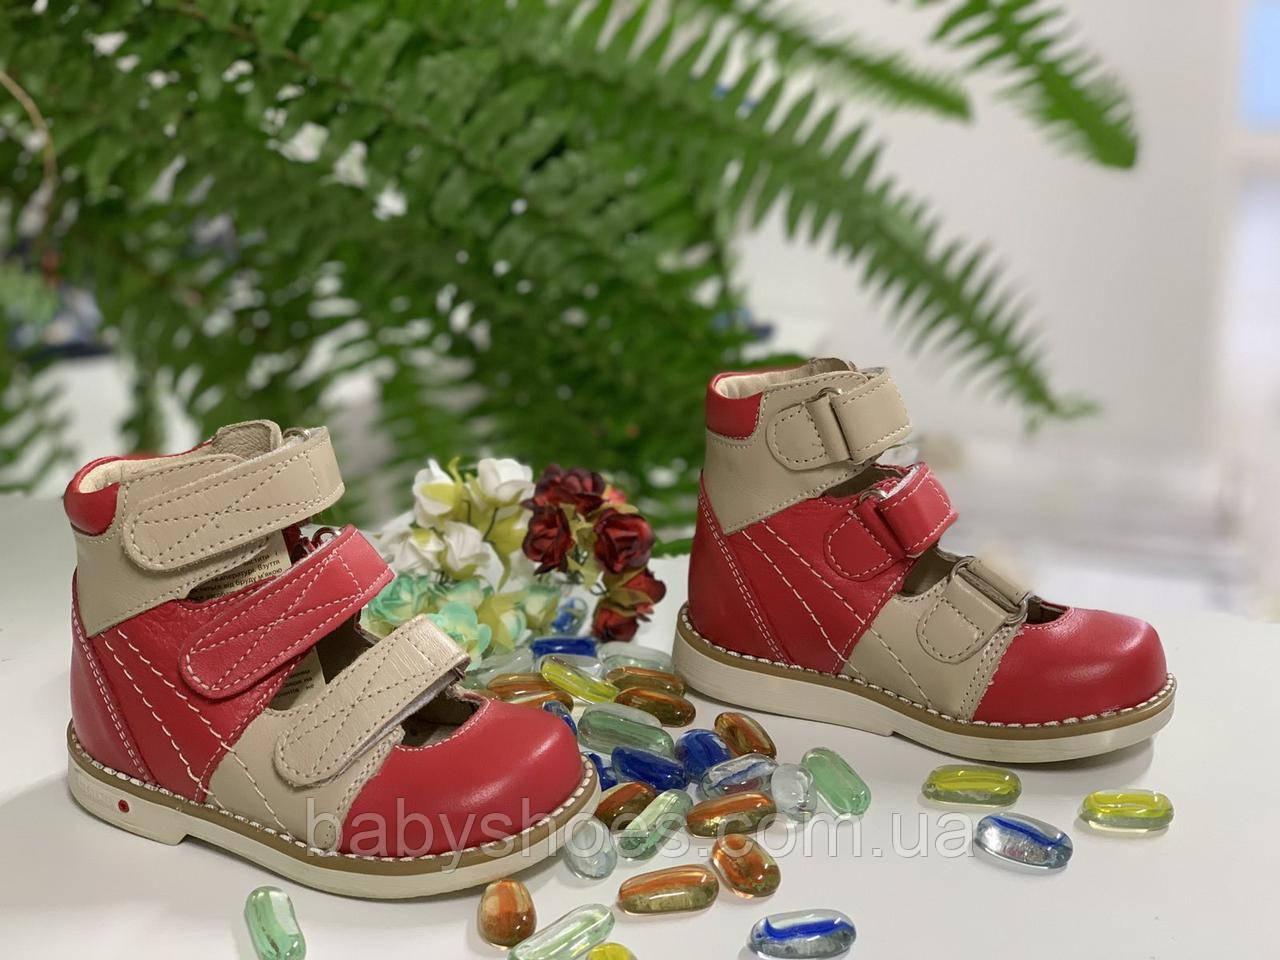 Ортопедические туфли  Берегиня  р.21  модель 2605